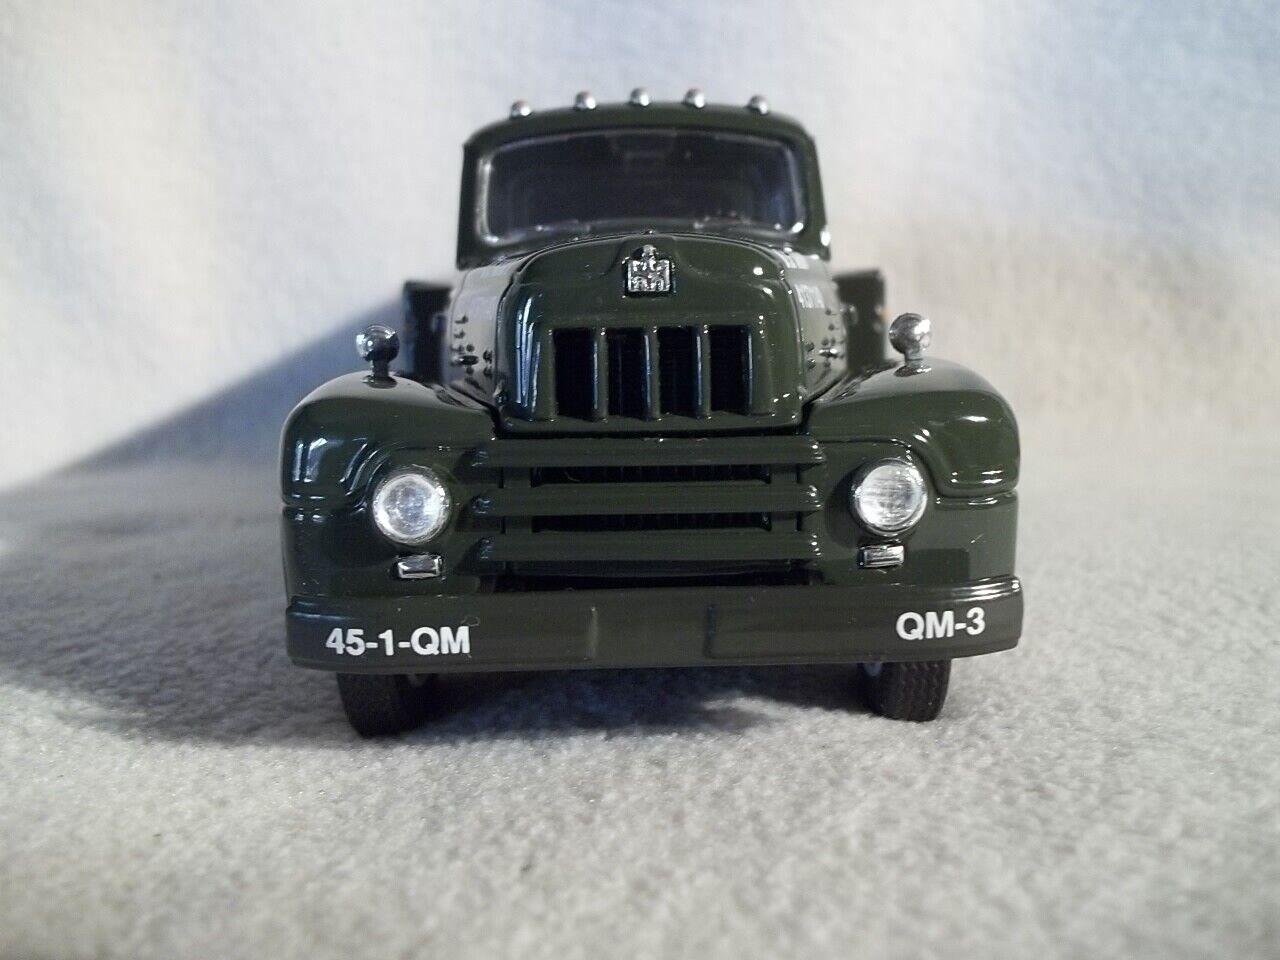 First Gear No.29-1380 No.29-1380 No.29-1380 U.S. Army 1957 International Fuel Tanker 1 34 Scale 8e4950